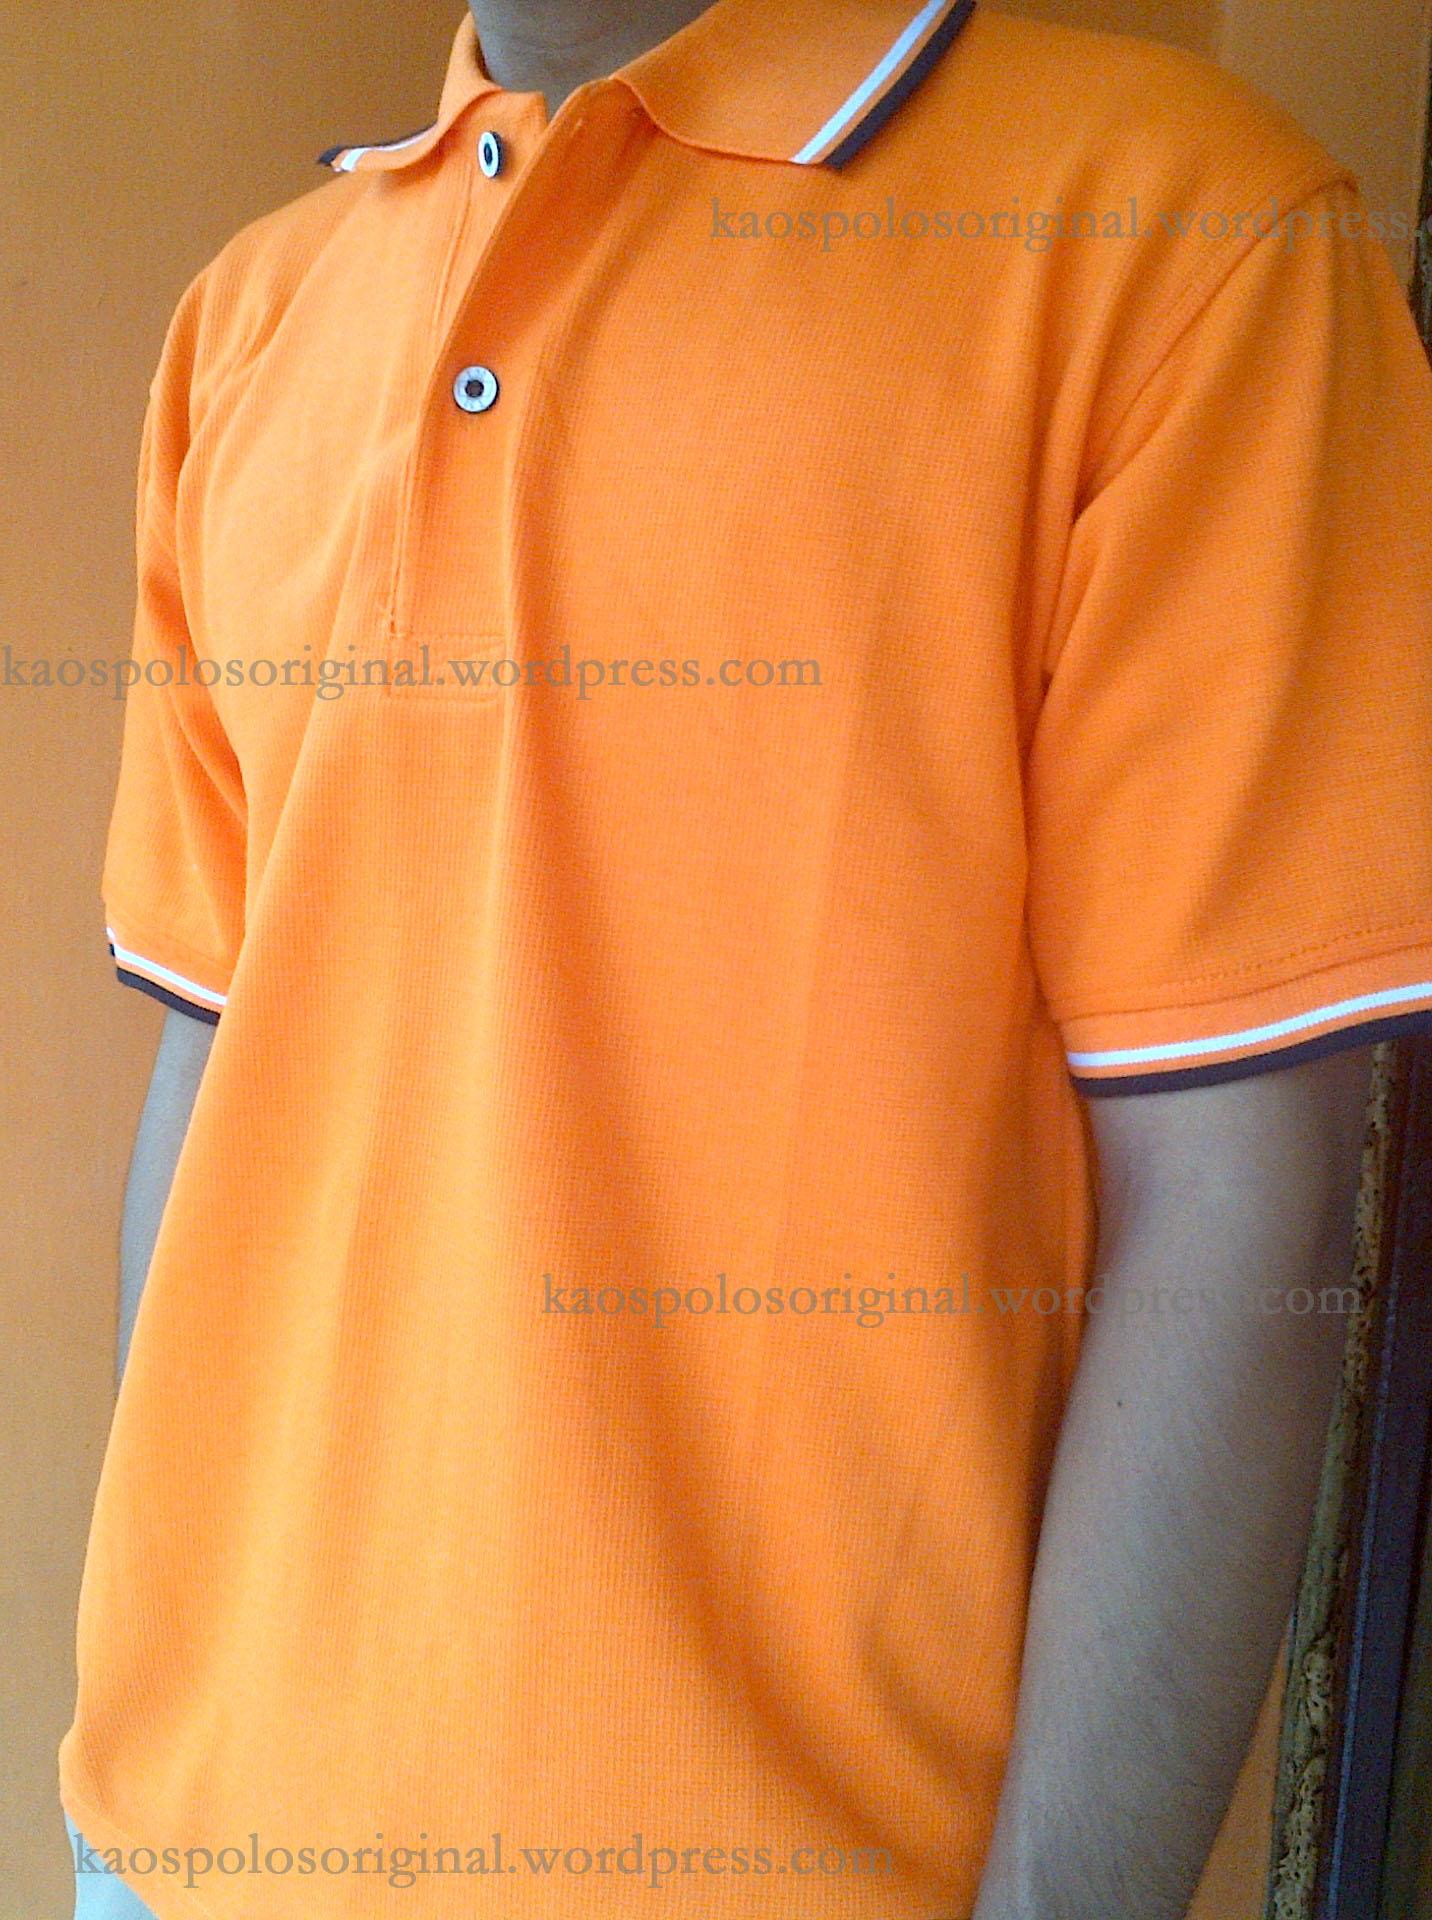 Grosir Baju Anak Com Info Penjual Terdekat Dan Paling Update Kaos Polo